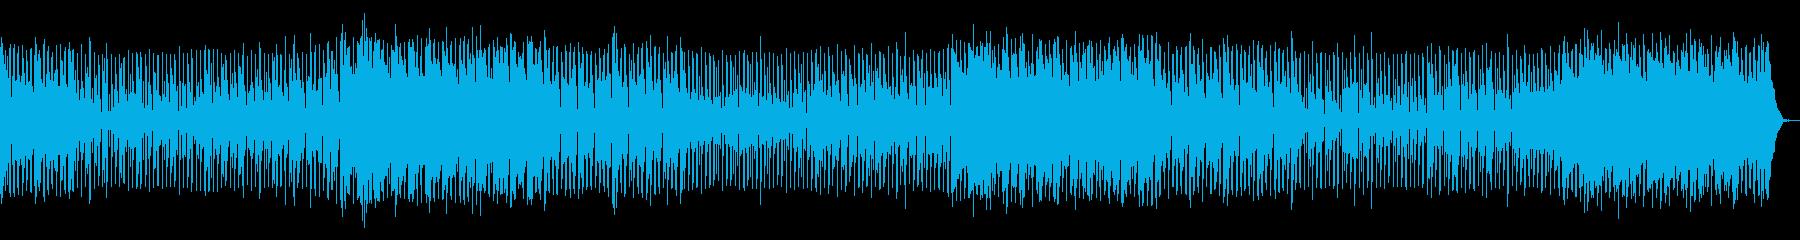 電話の呼び出し音。電子。の再生済みの波形